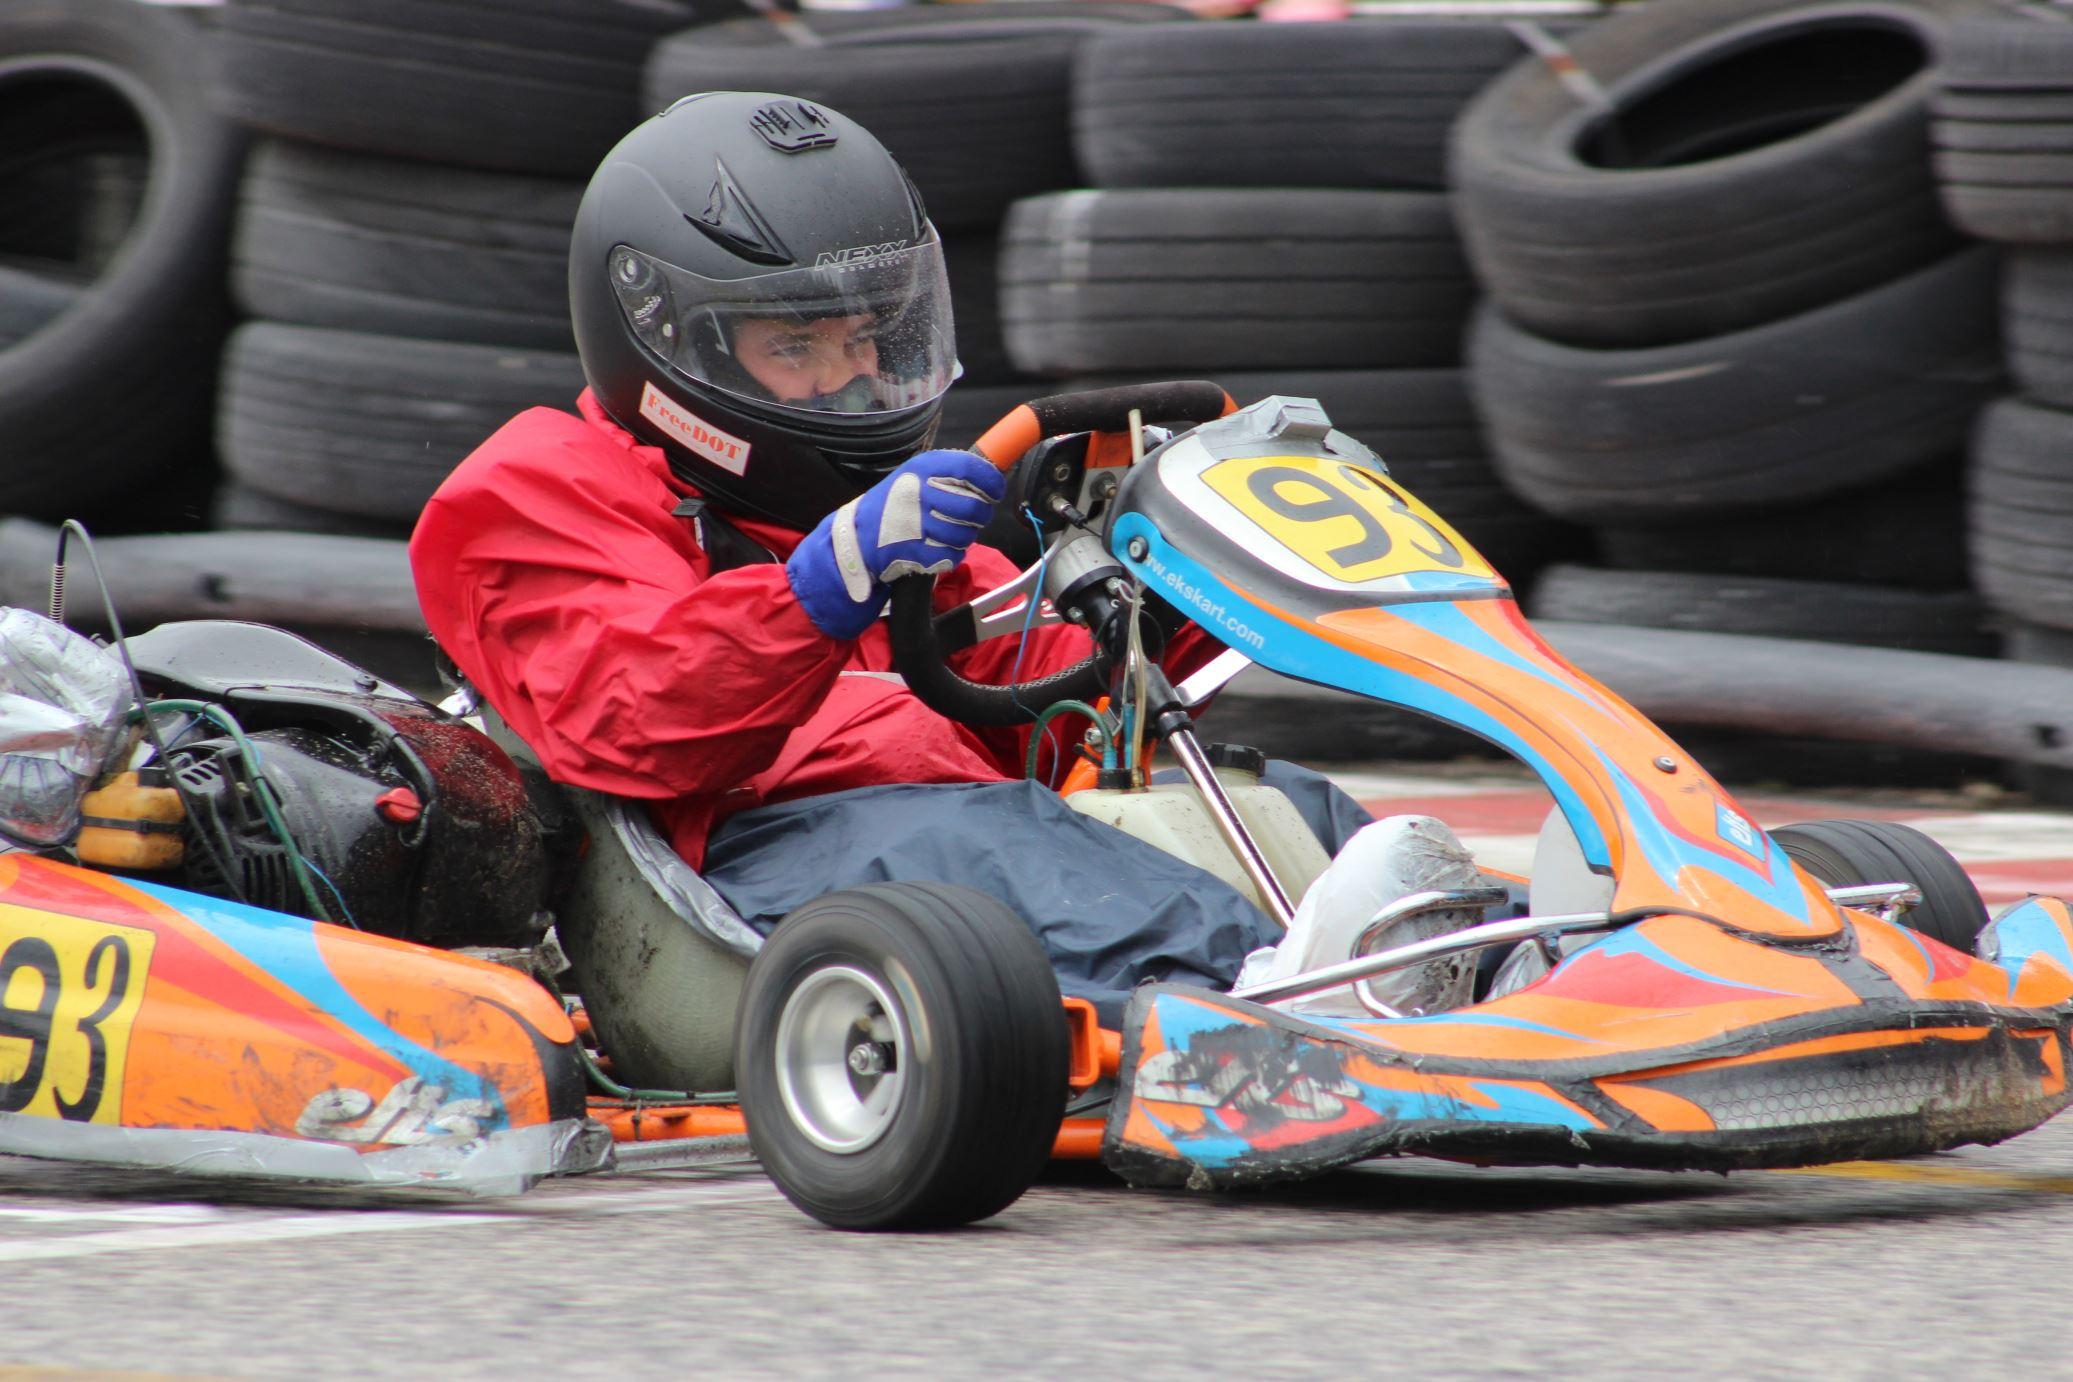 Troféu Honda 2014 - 2ª Prova120